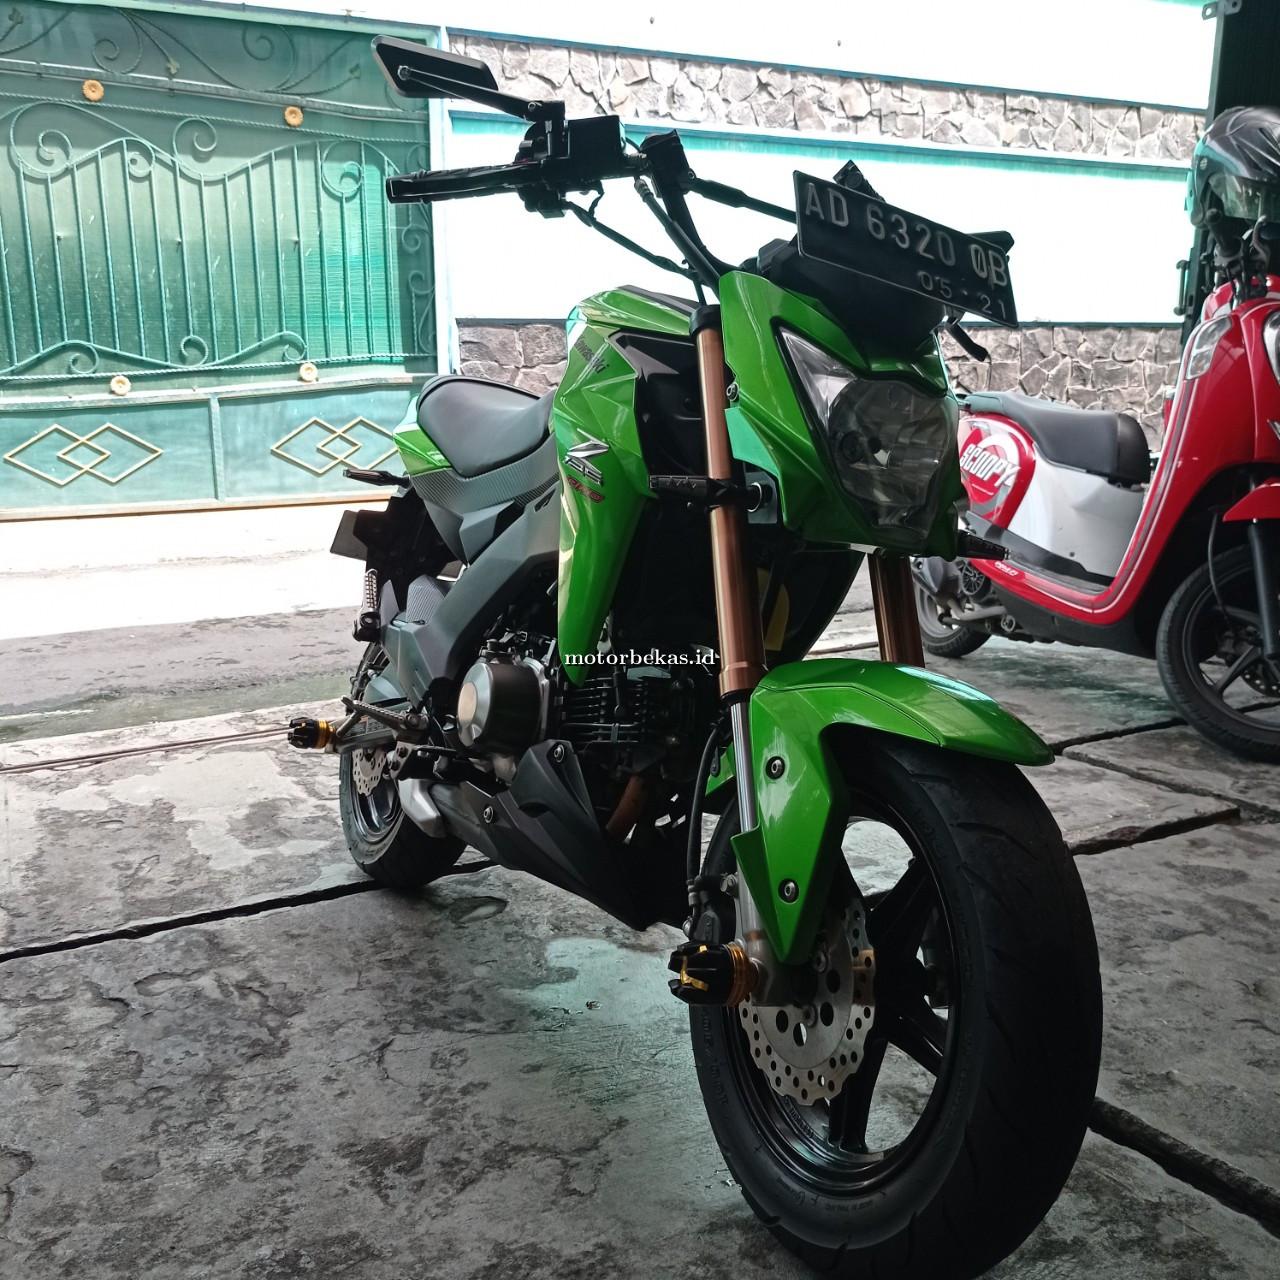 KAWASAKI D-TRACKER  118 motorbekas.id